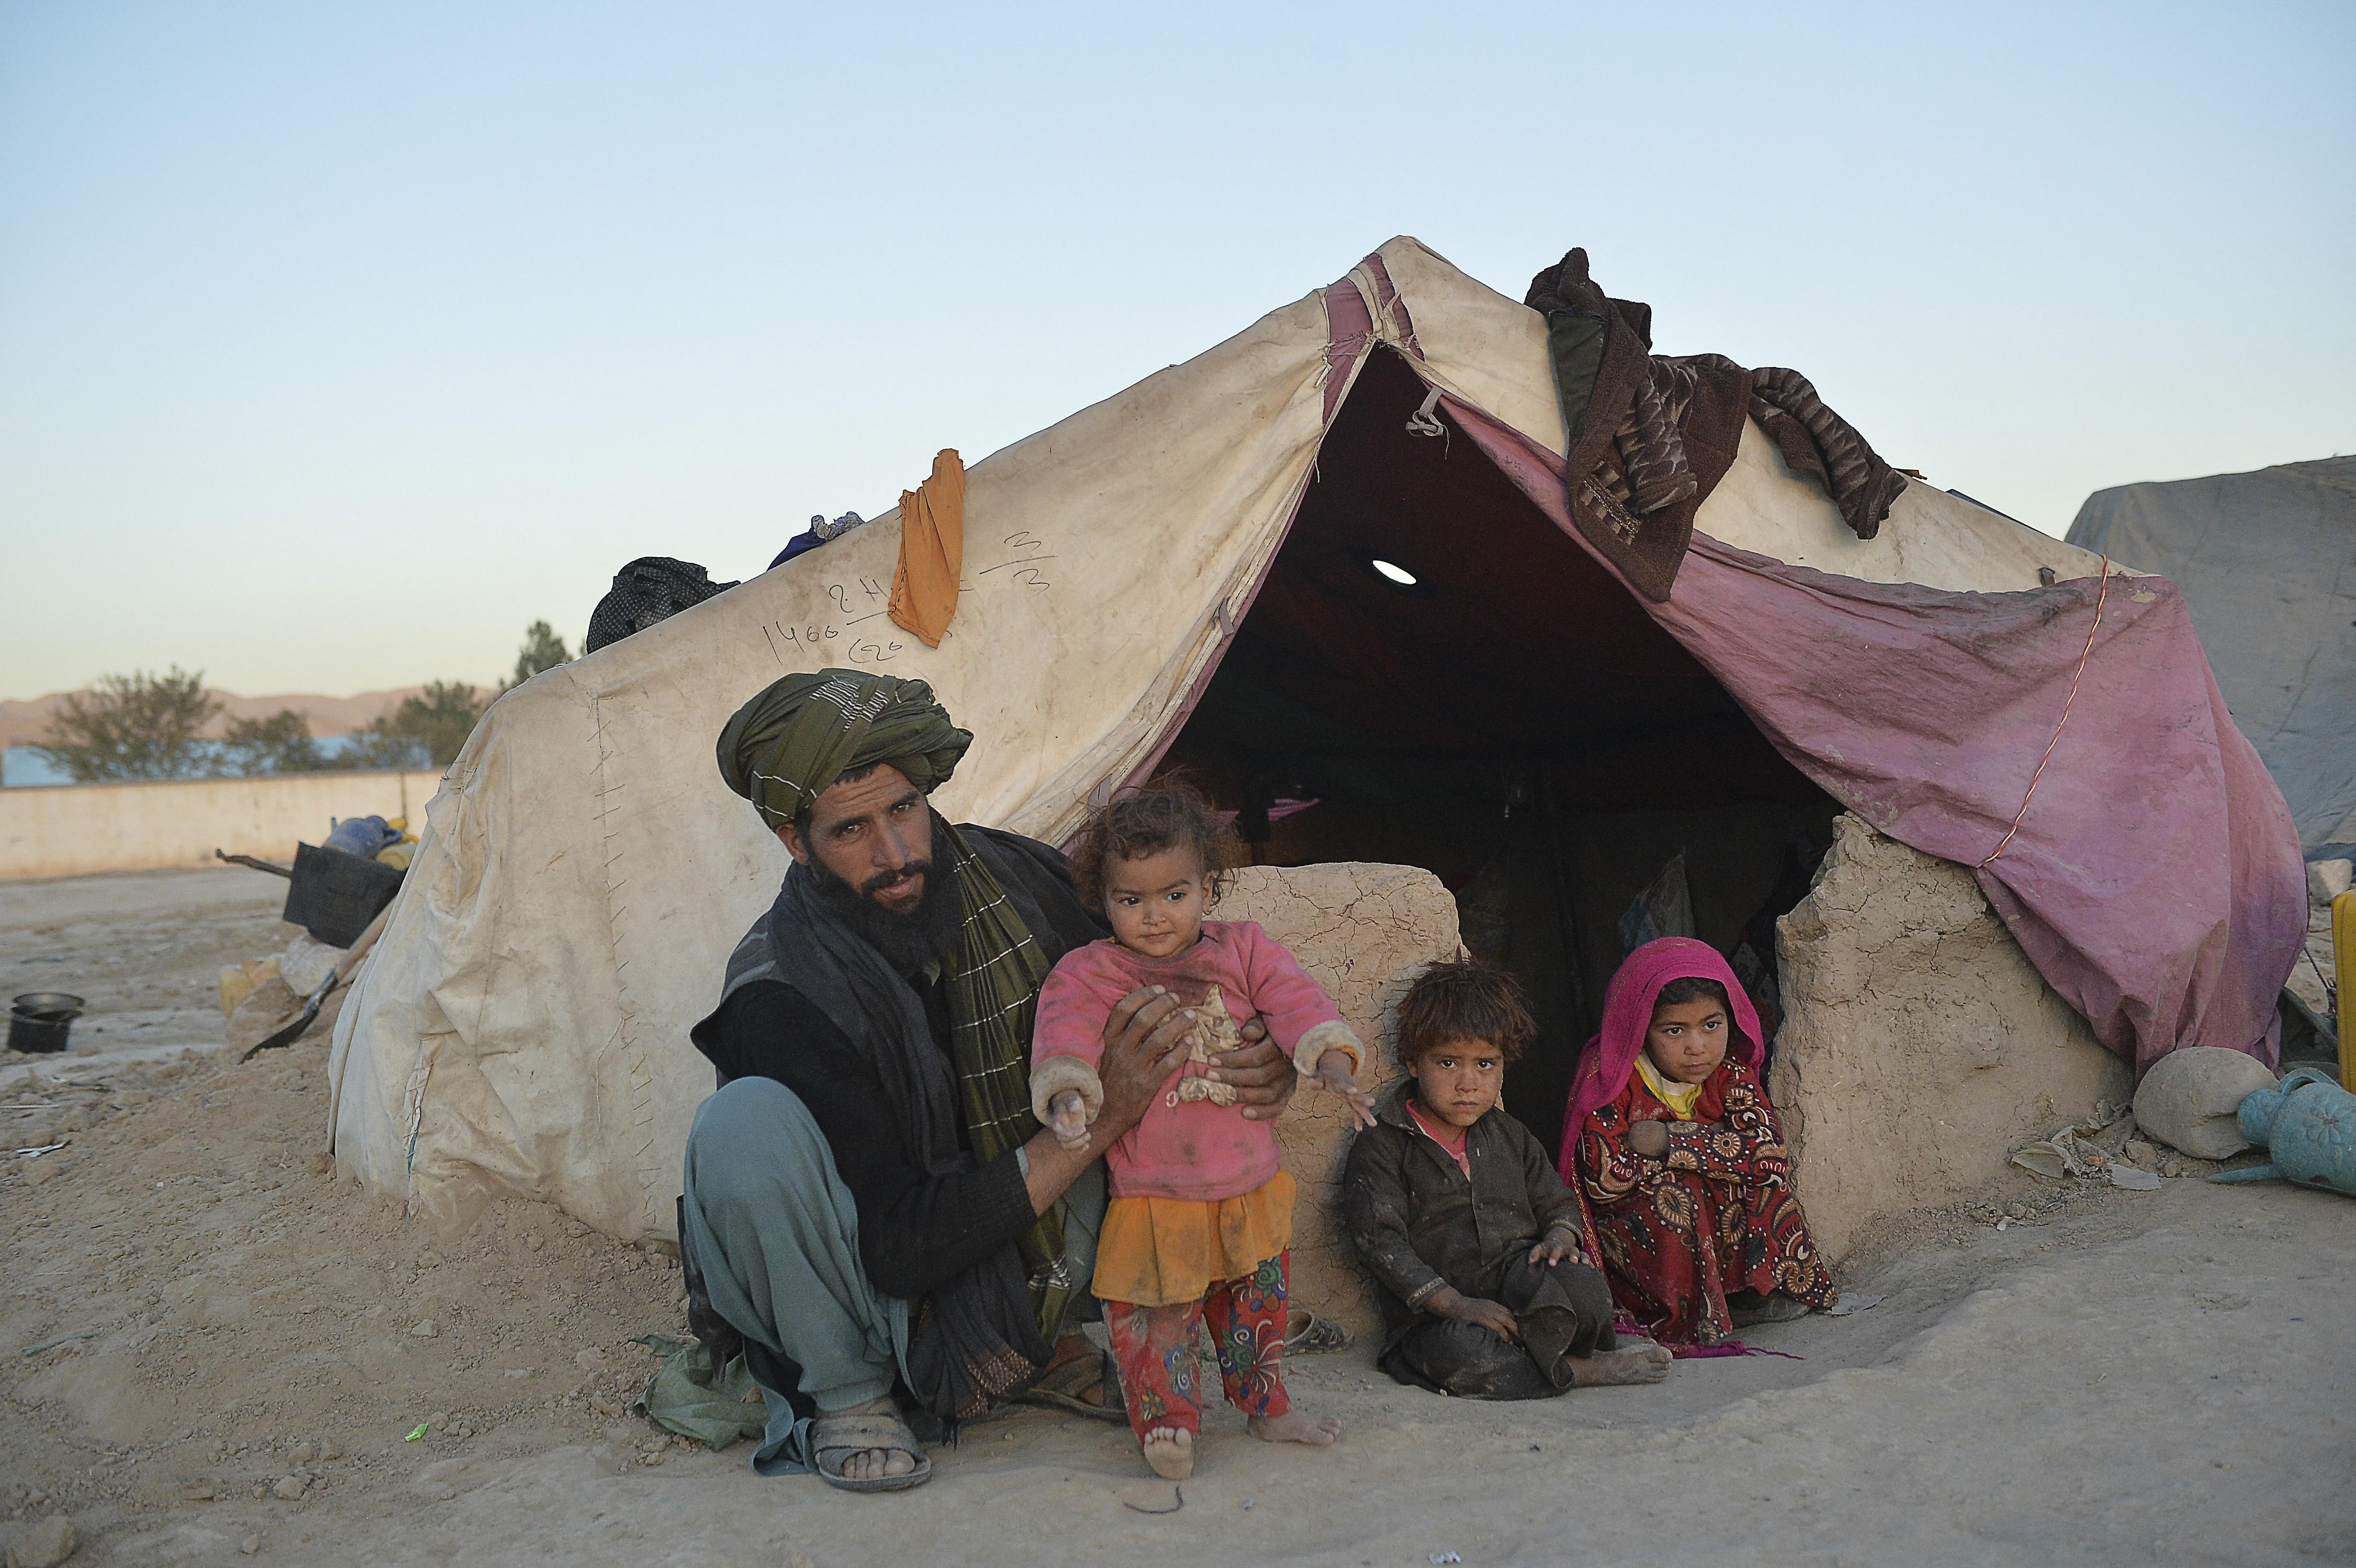 Famílias afegãs vendem suas filhas para não morrerem de fome